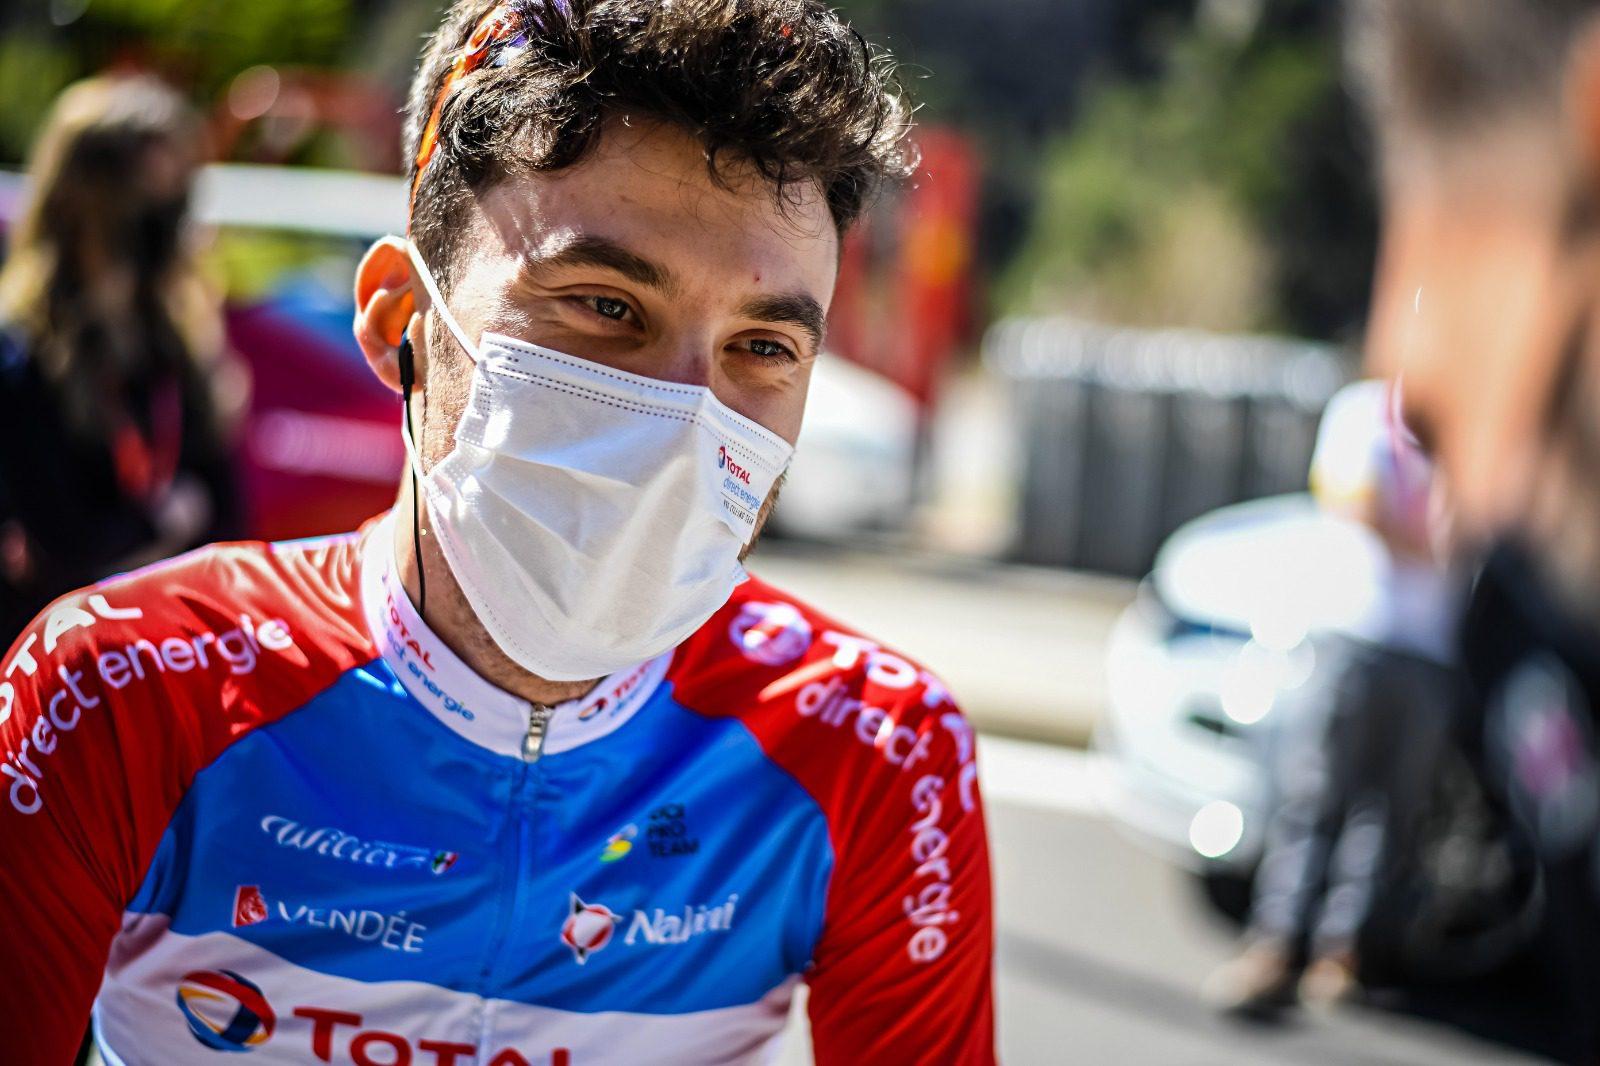 Pierre Latour 3e de la dernière étape de Paris-Nice !